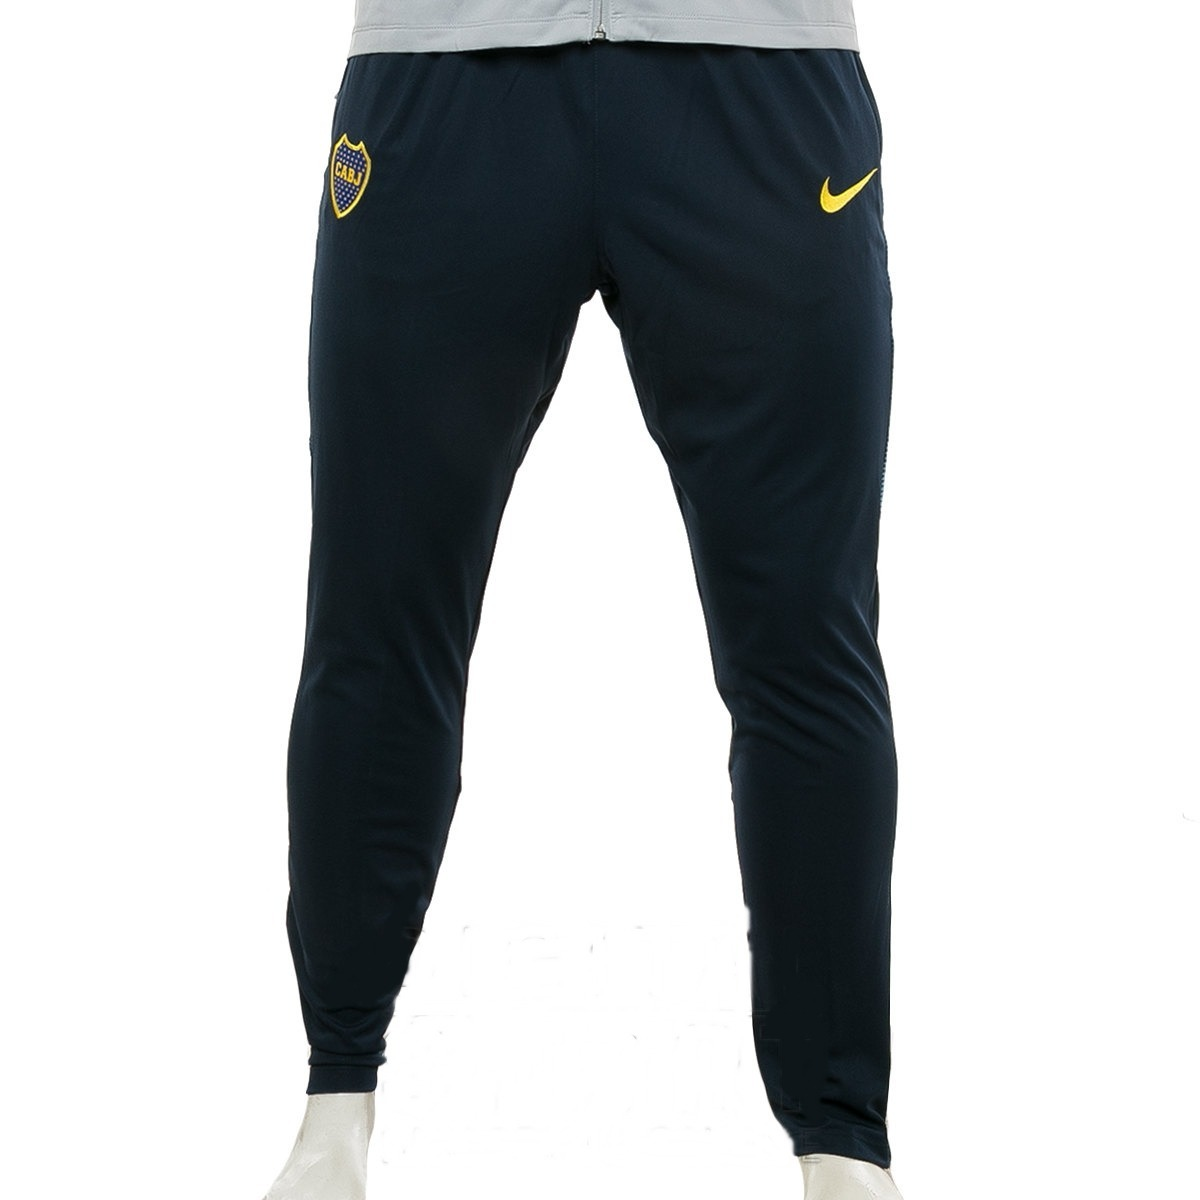 pantalon nike boca juniors entrenamientos dry squad futbol. Cargando zoom. a1a6e869838e0